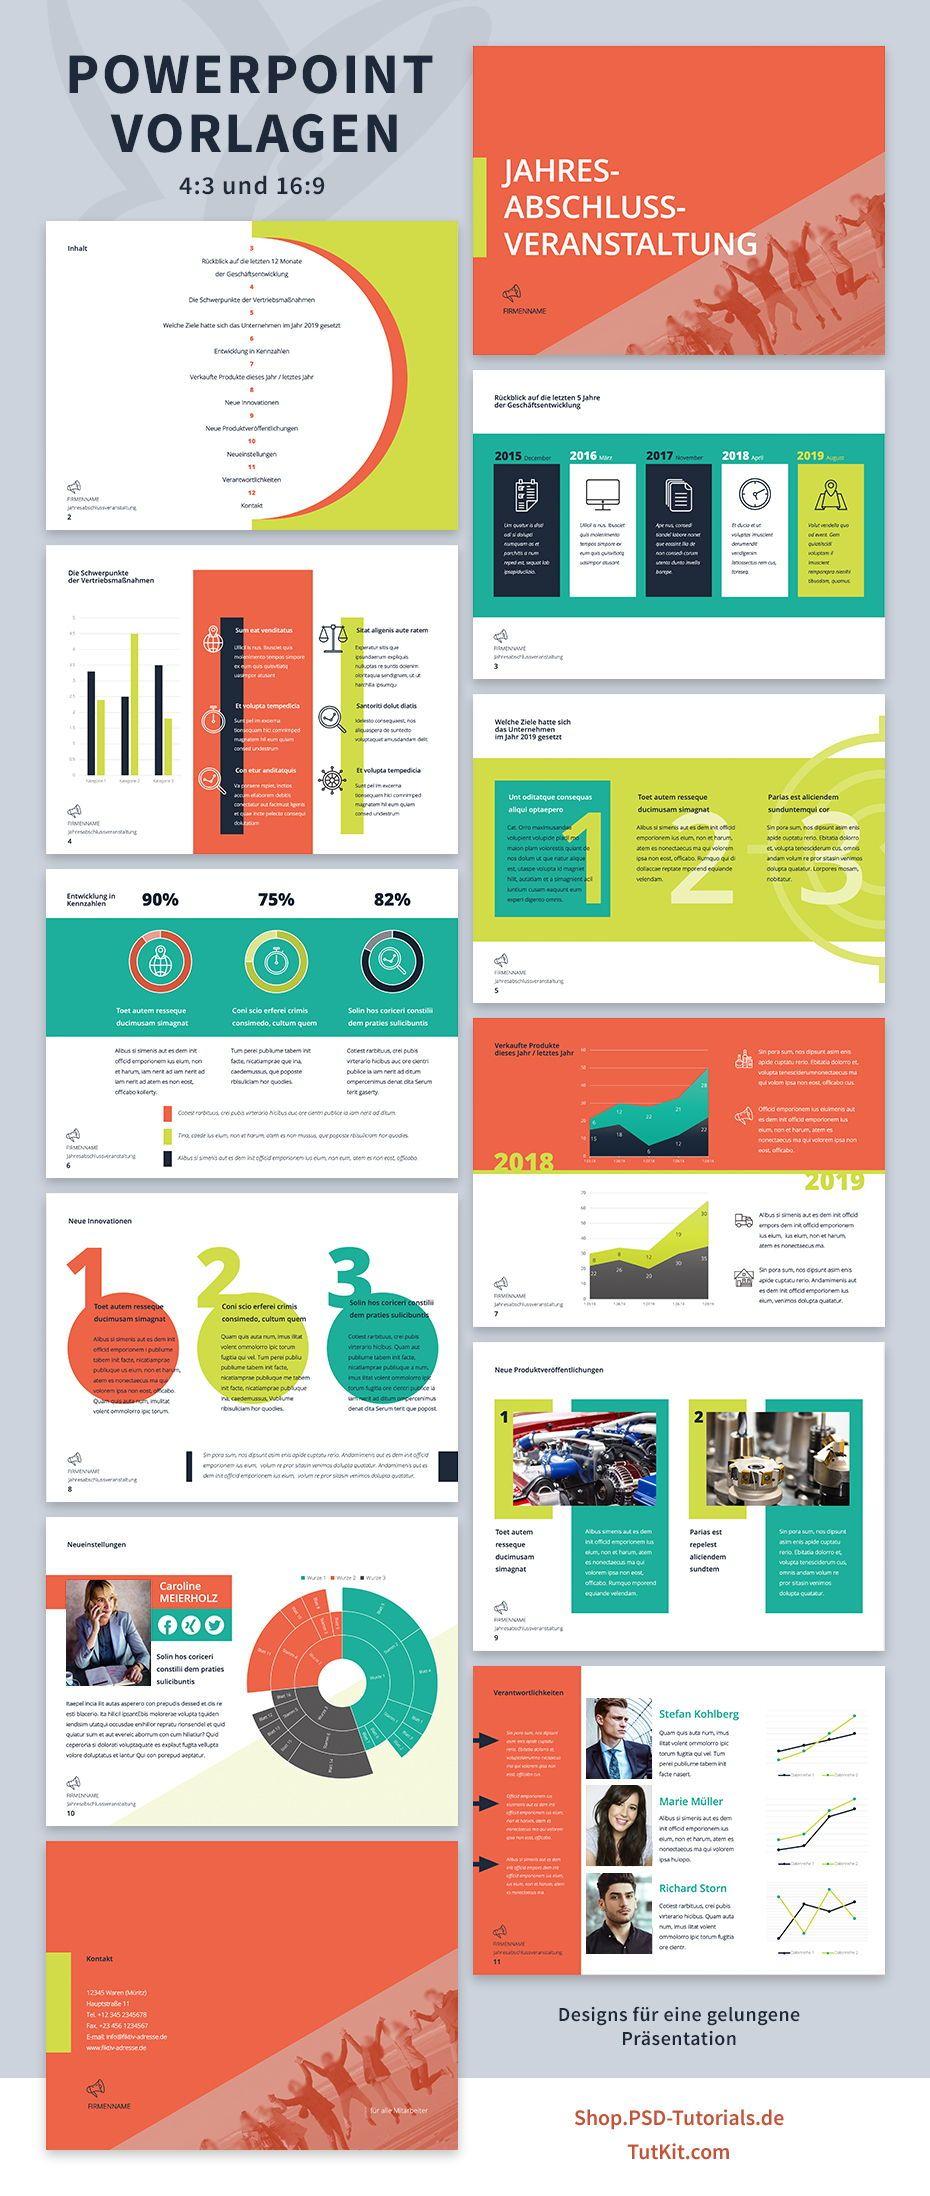 Professionelle Powerpoint Vorlagen Fertige Designs Zur Prasentation Powerpoint Vorlagen Power Point Prasentation